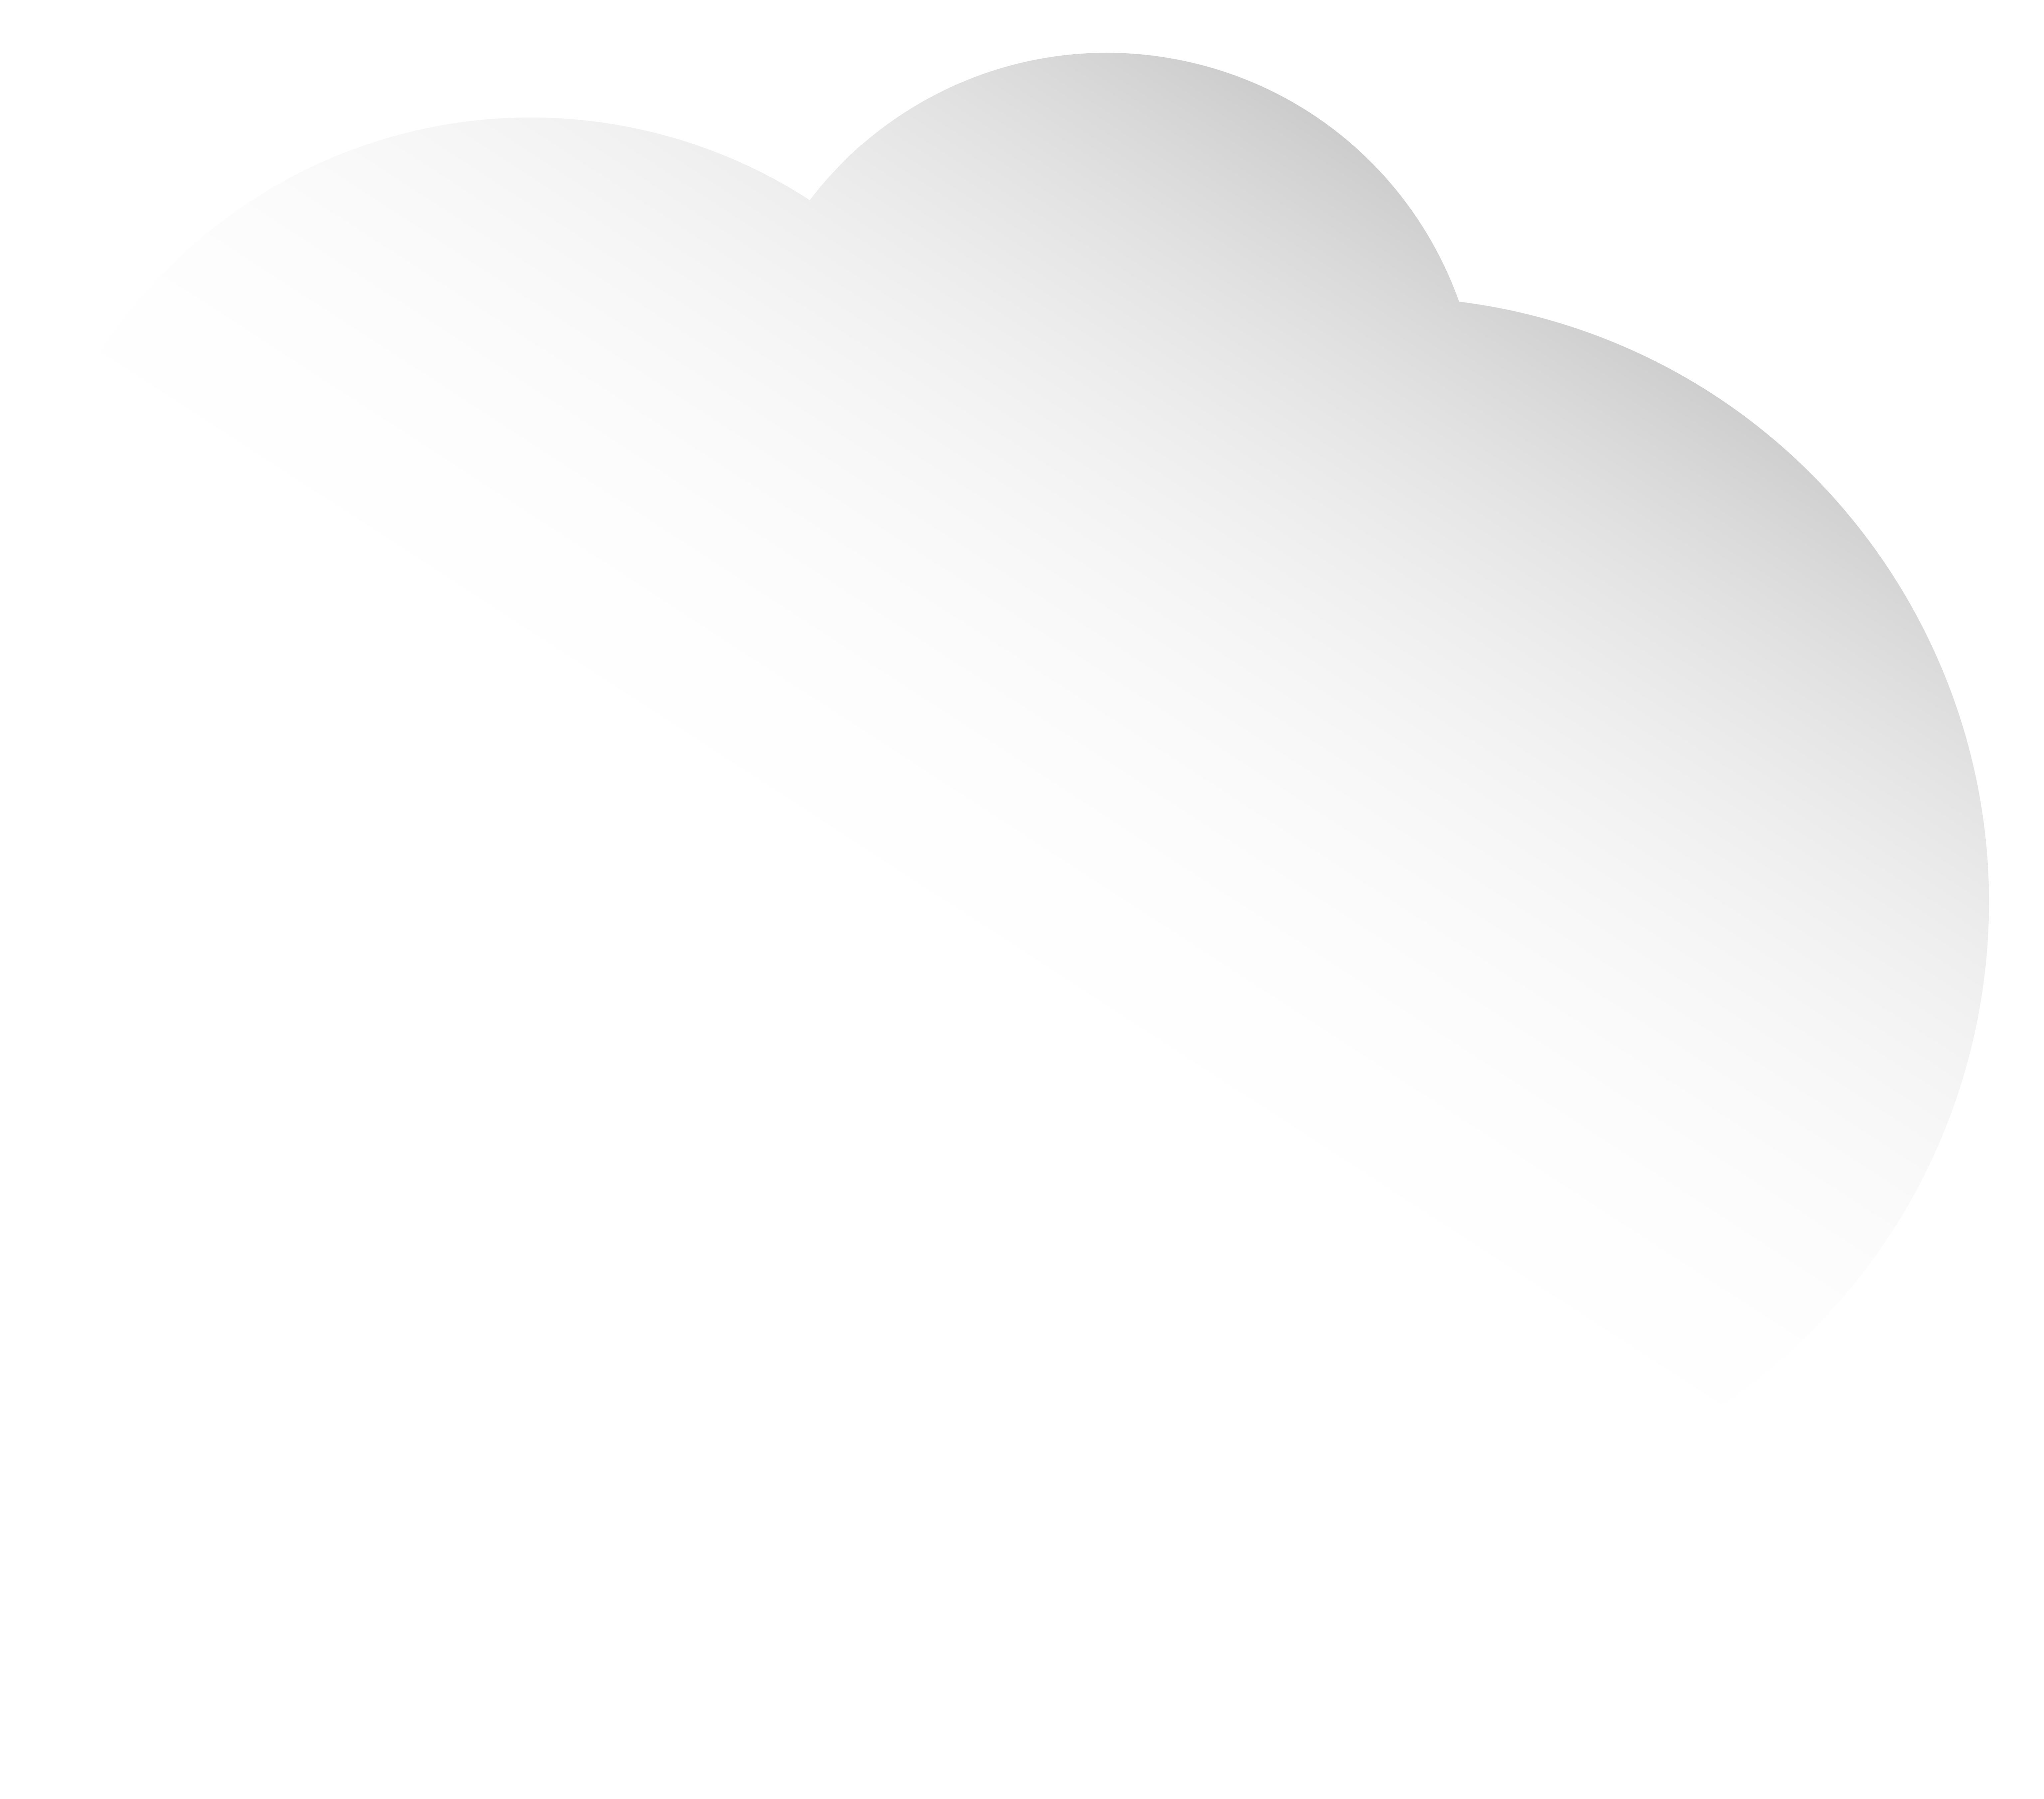 Cloud White Bubble Speech PNG Clip Art Image.